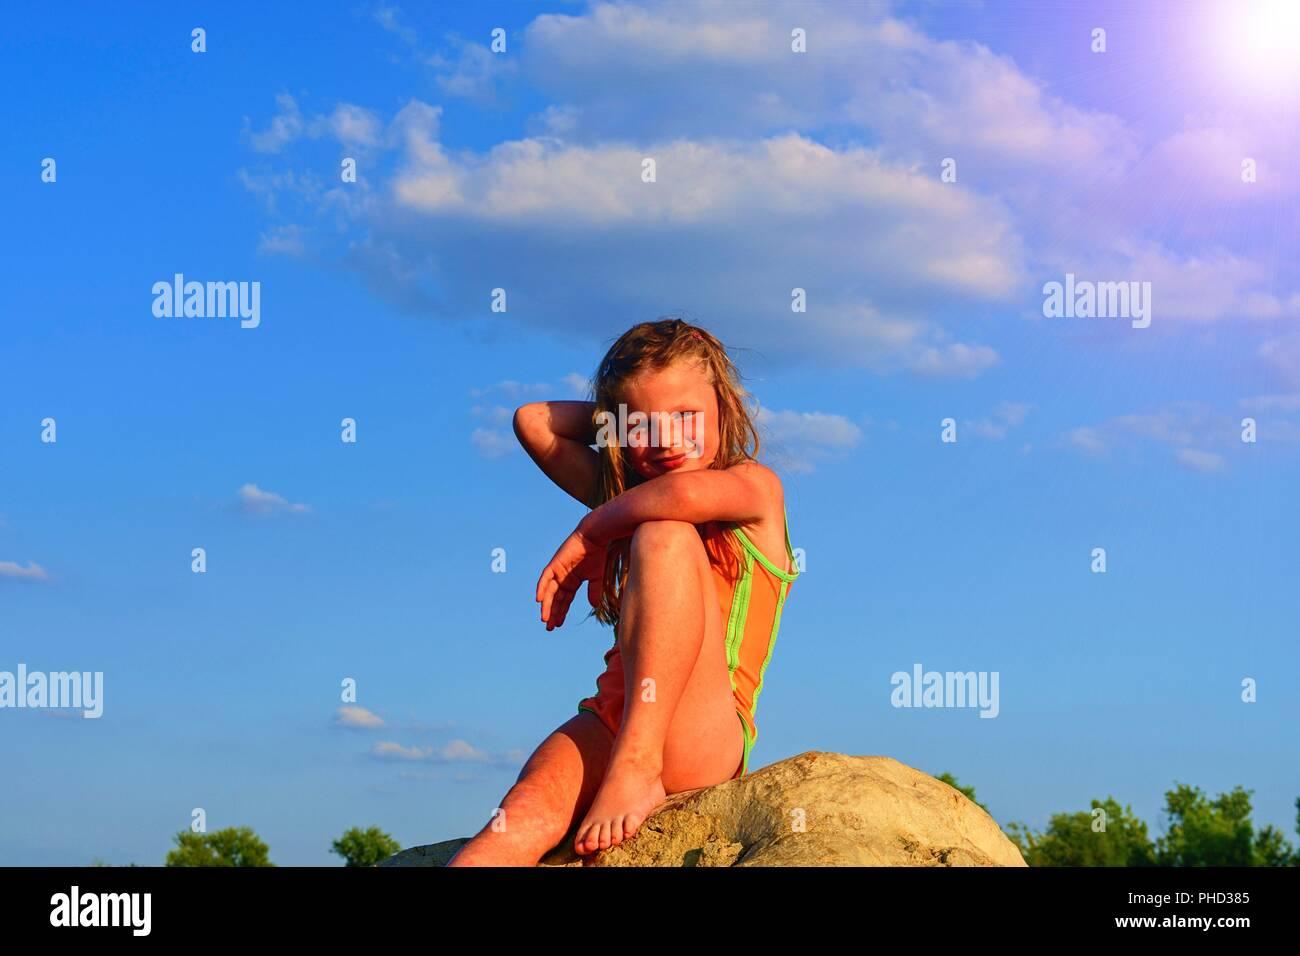 Süße kleine Mädchen im Badeanzug auf einem großen Felsen am See bei Sonnenuntergang. Sommer und glückliche Kindheit Konzept. Kopieren Sie Raum in der strahlend blaue Himmel Stockfoto